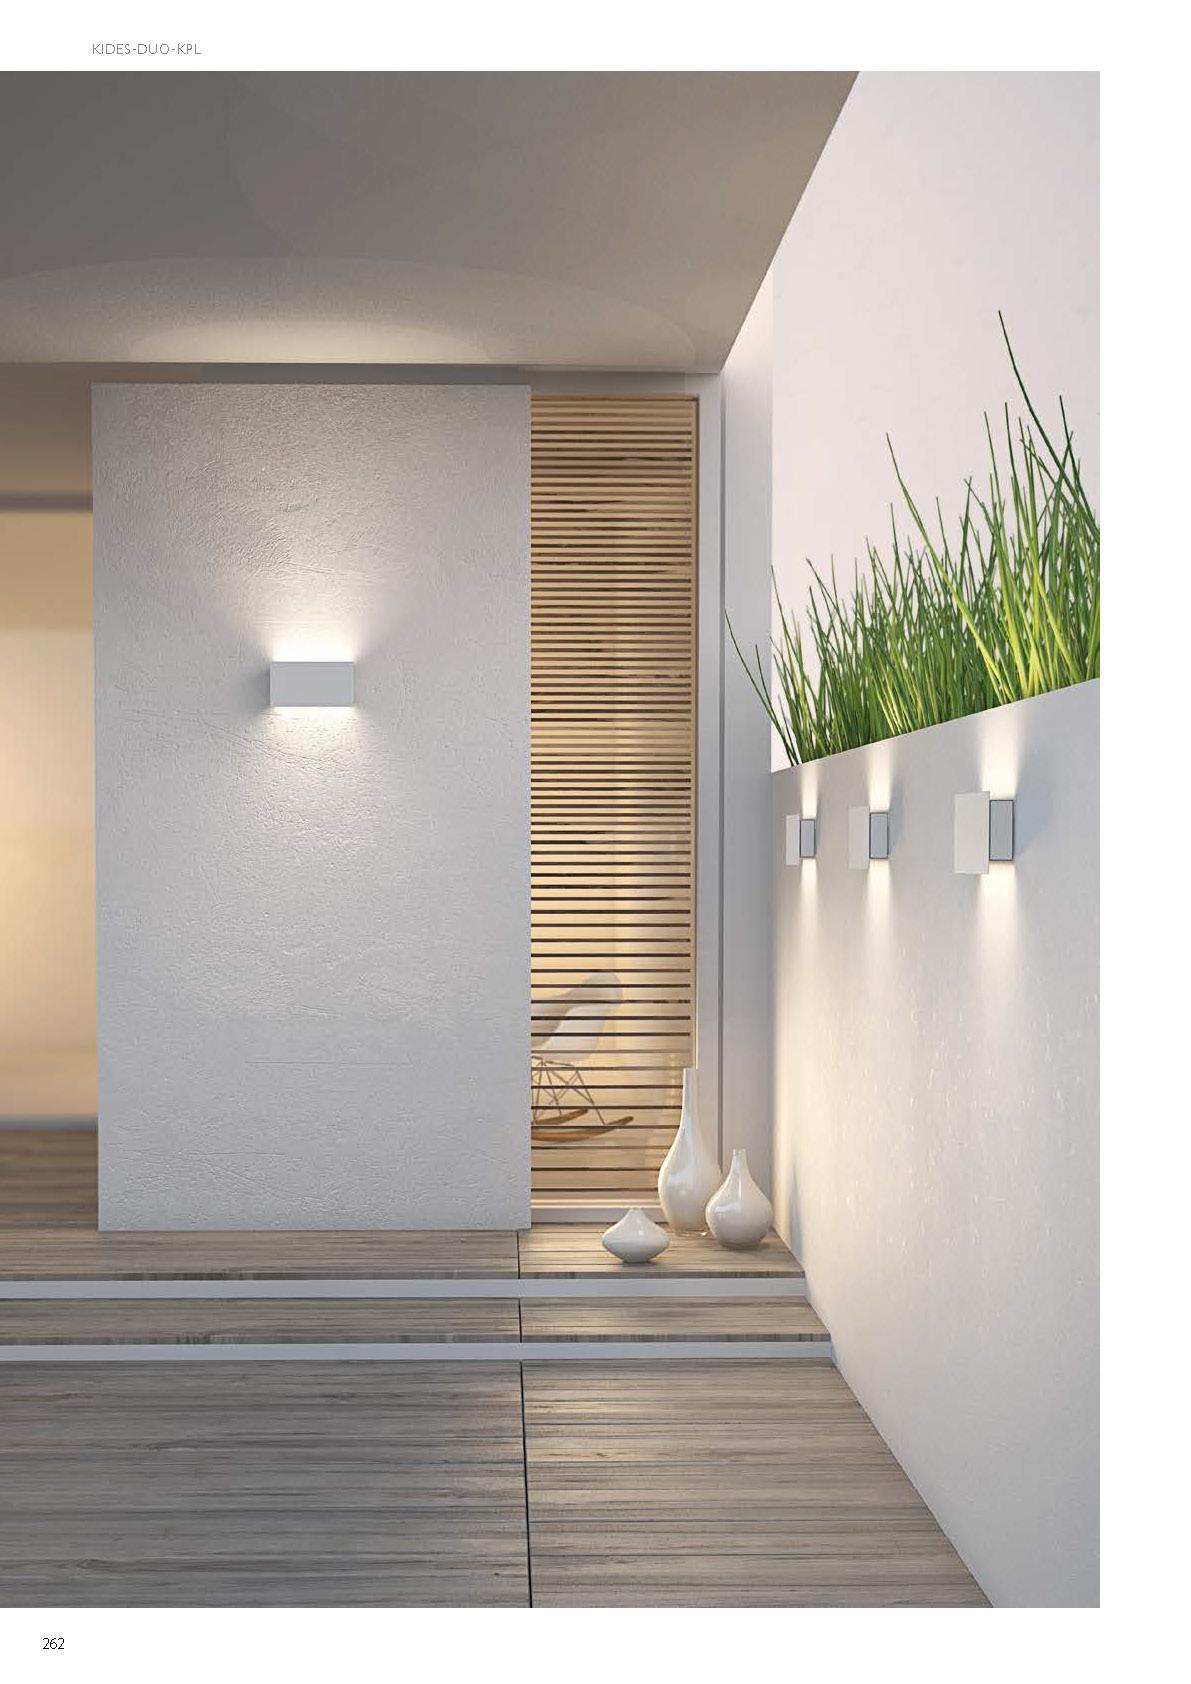 Gut gemocht Profil LED KIDES DUO mit Platz für Netzteil | Shop XM11